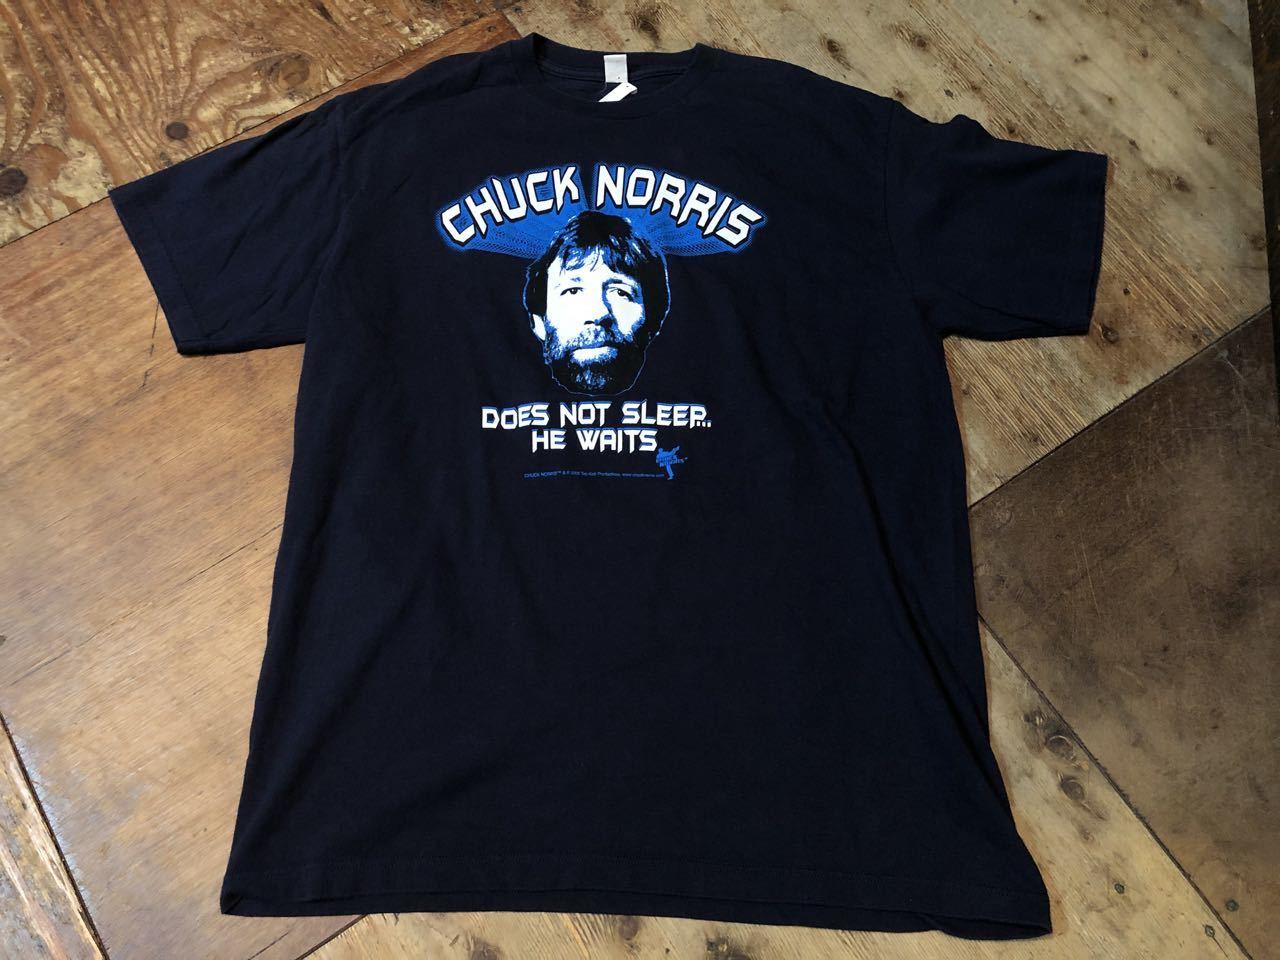 CHUCK NORRIS  チャックノリス Tシャツ!_c0144020_14005479.jpg